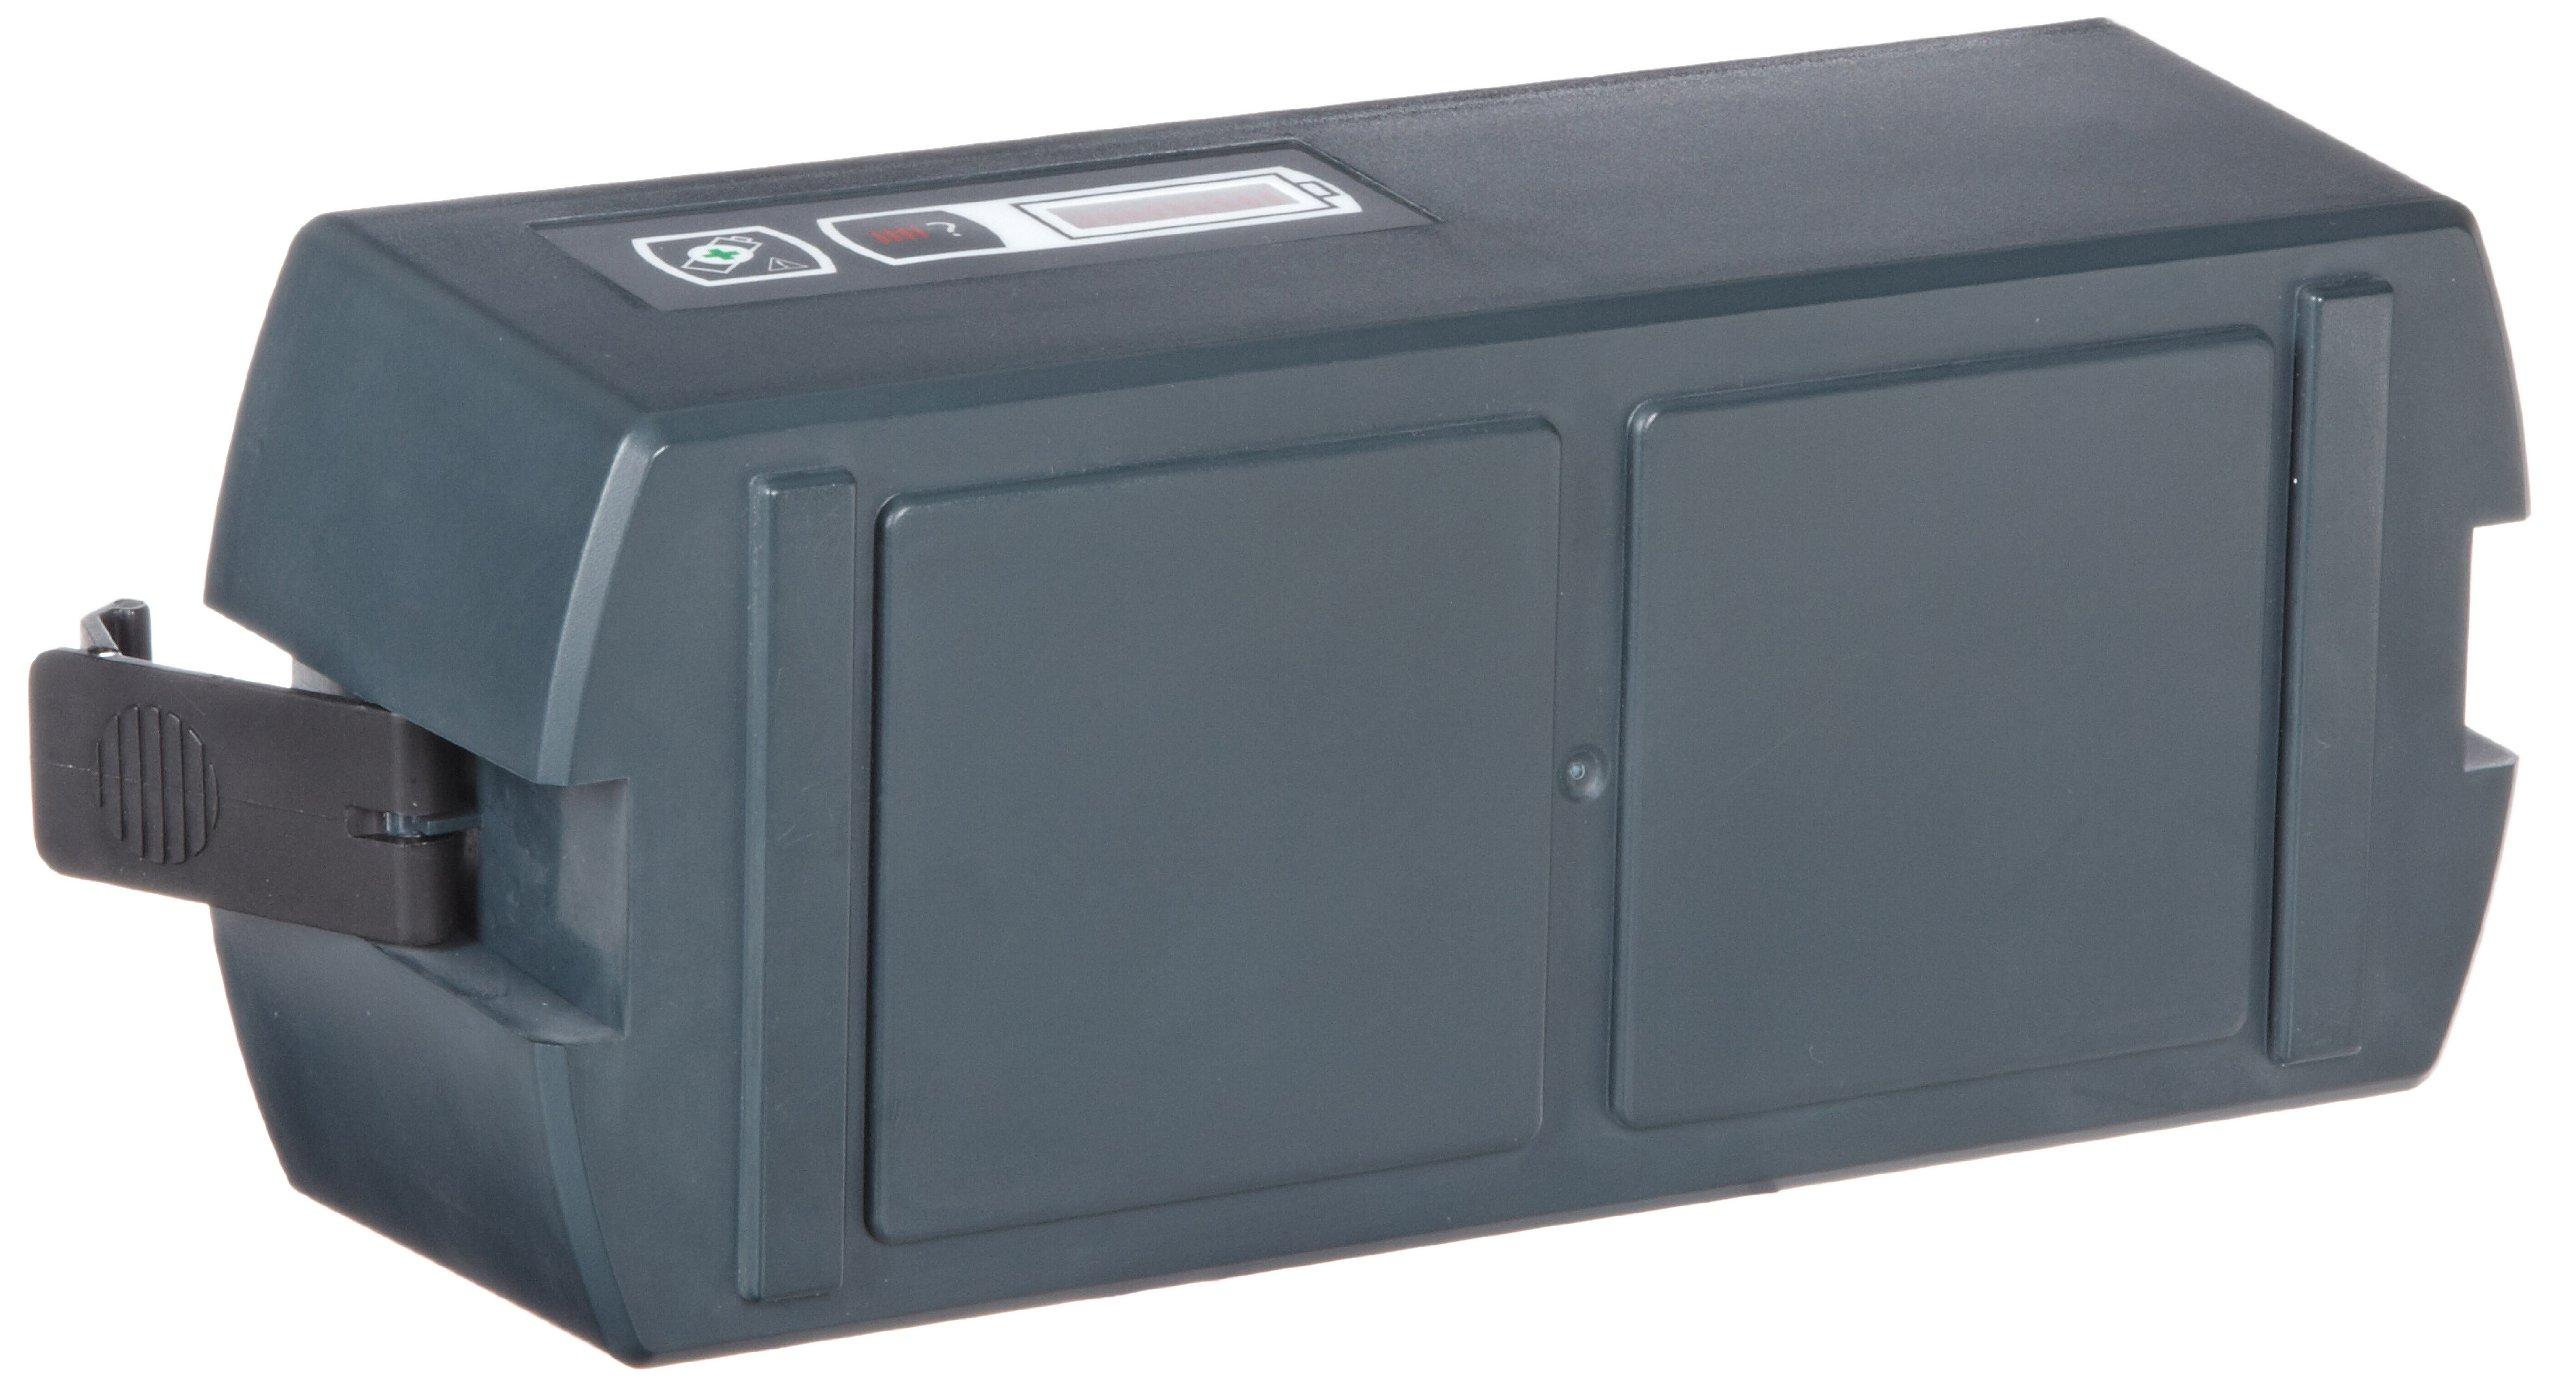 Megger 6121-492 Spare Battery for BITE 3 Series